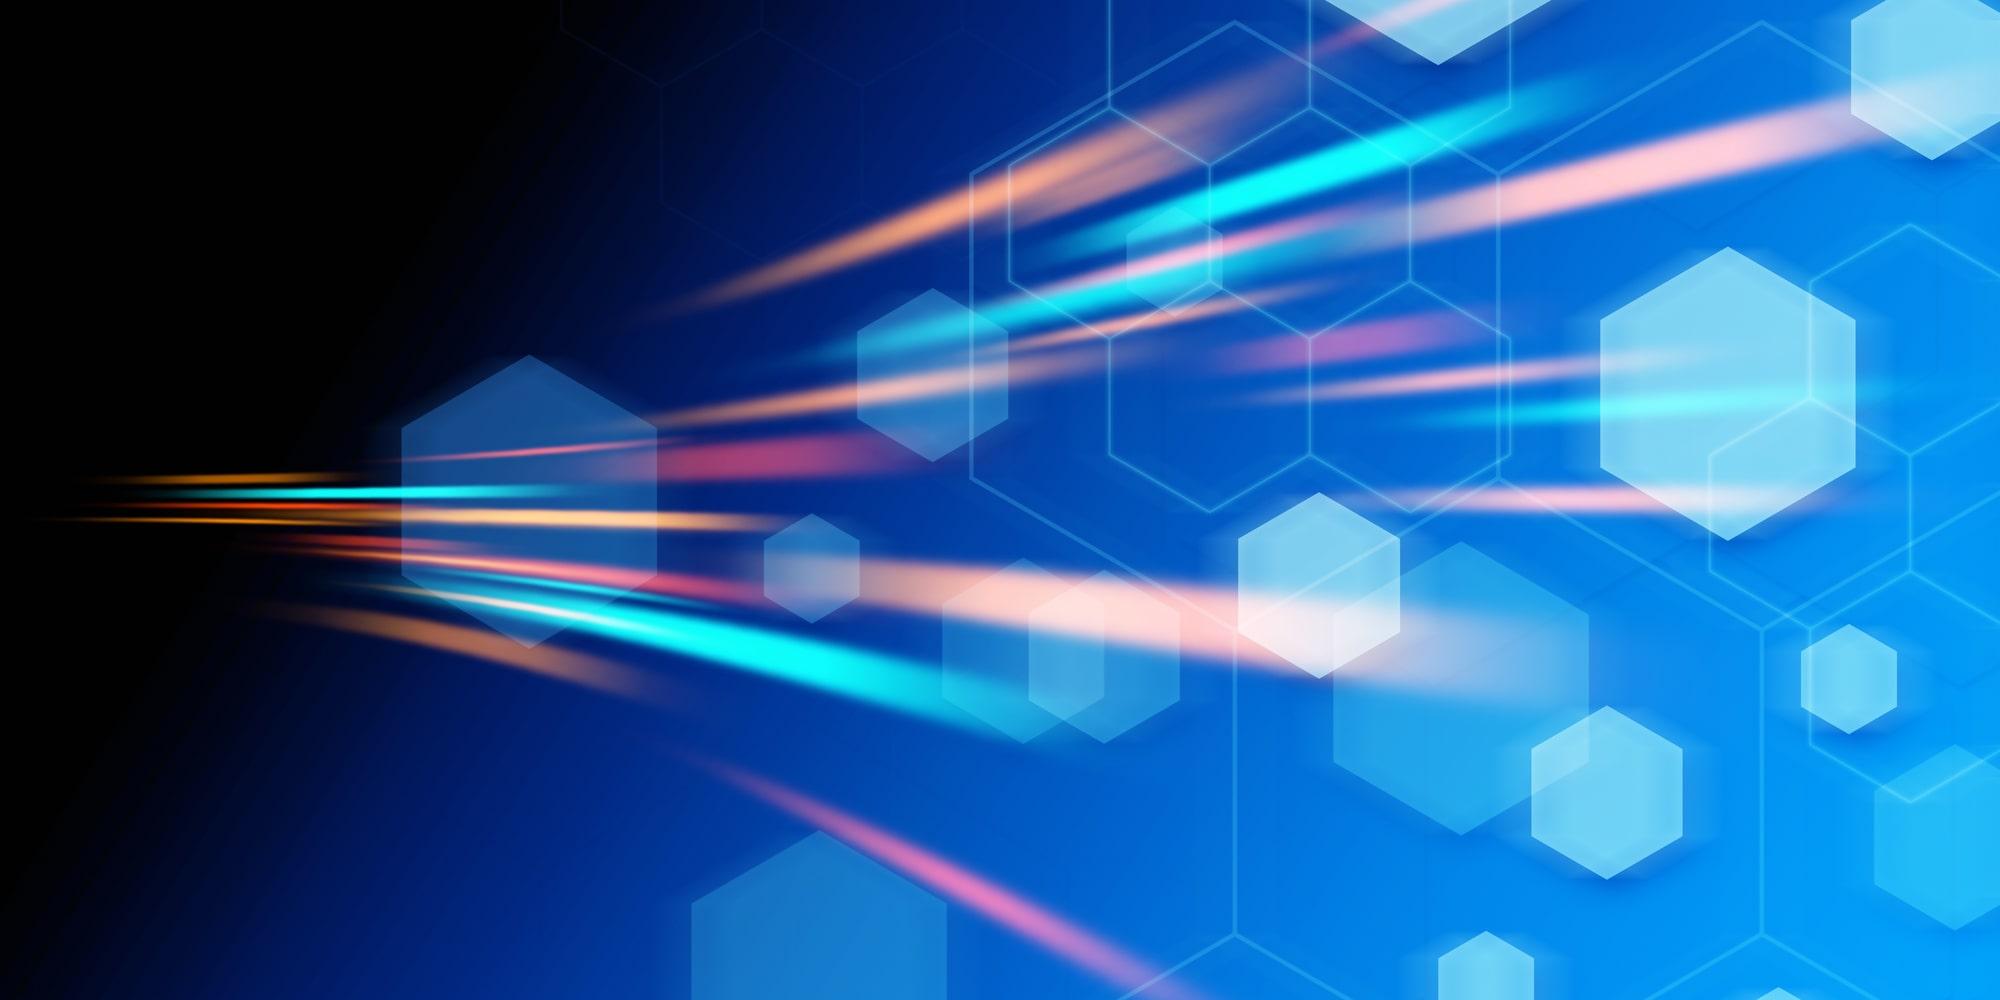 なぜ遅くなる?LANケーブルの速度低下の原因と改善方法